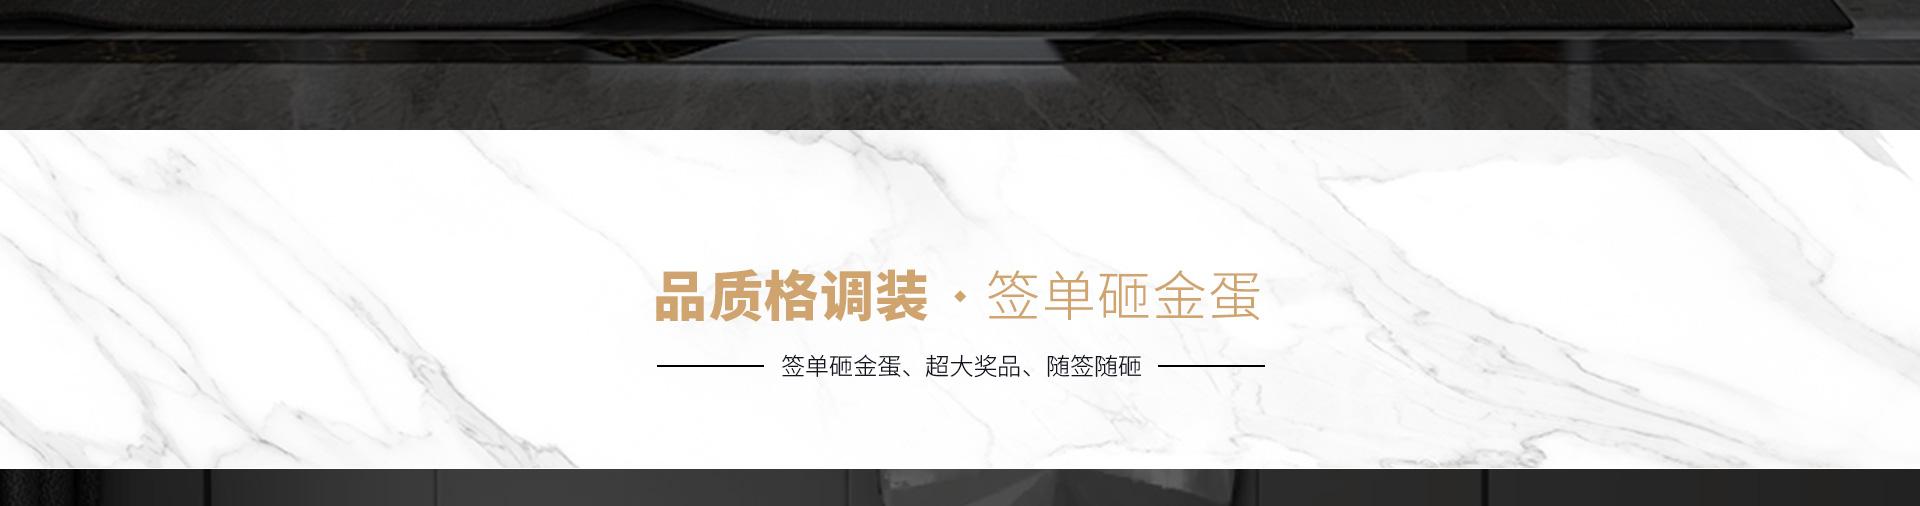 整装产品格调装_成都装修公司_彩兔装饰